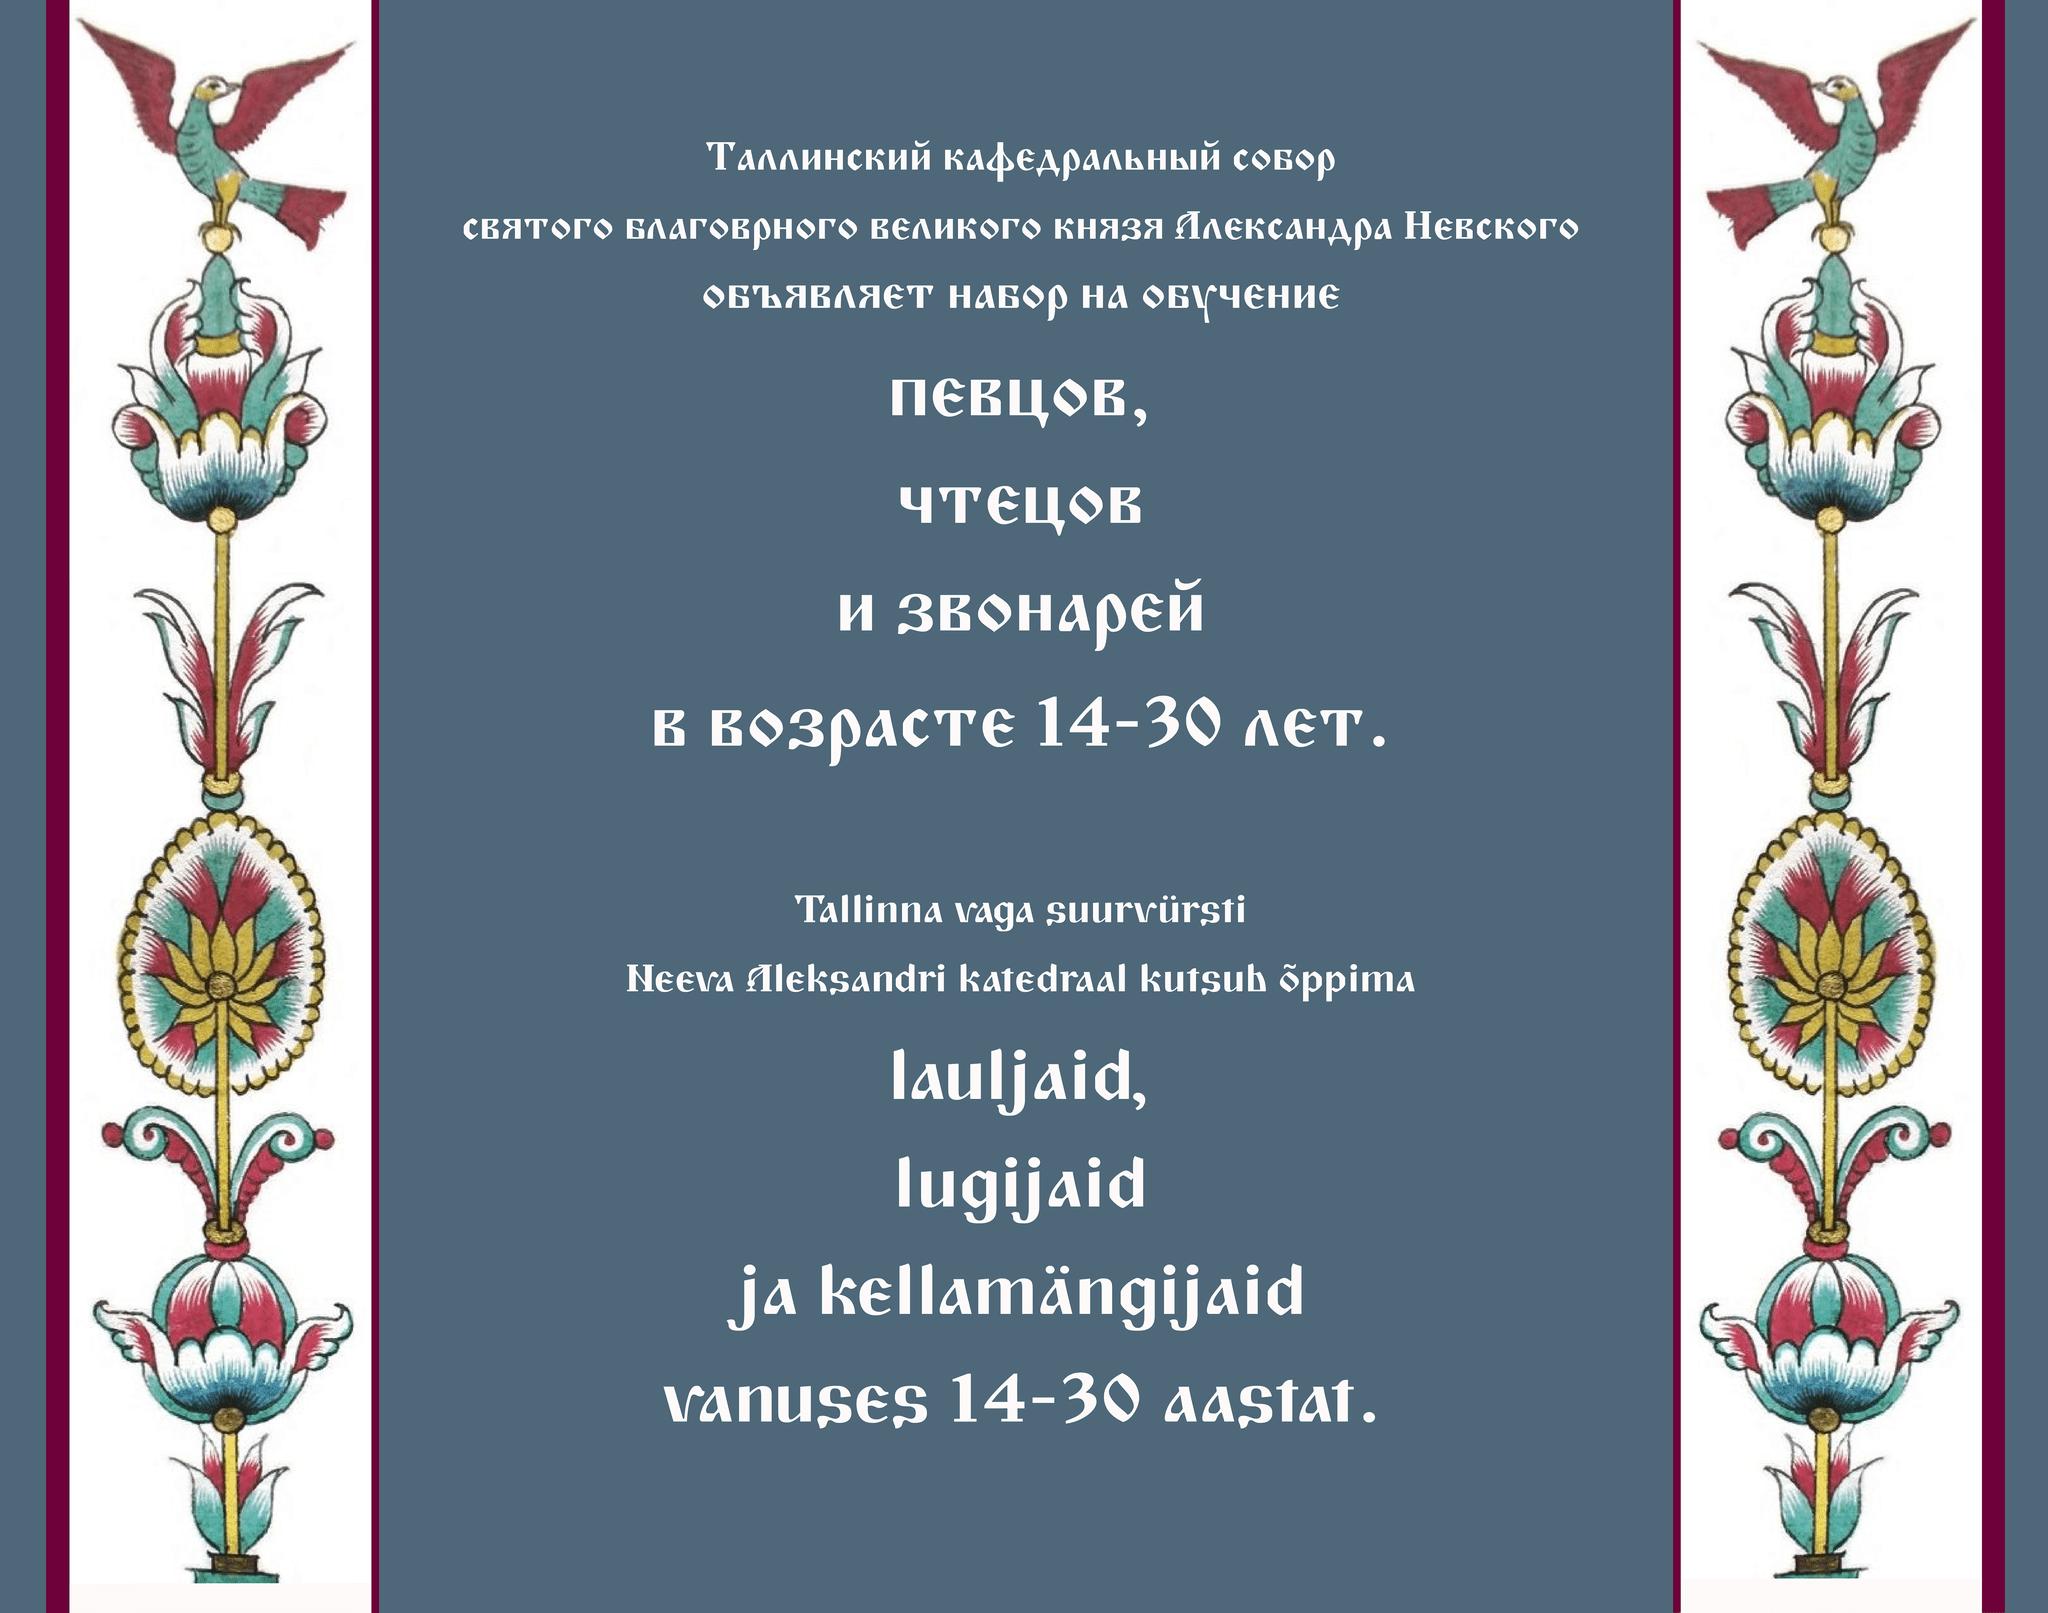 Kuulutus. Tallinna püha Neeva Aleksandri katedraal kutsub noori õppima kirikulaulu, lugemist ja kellamängu